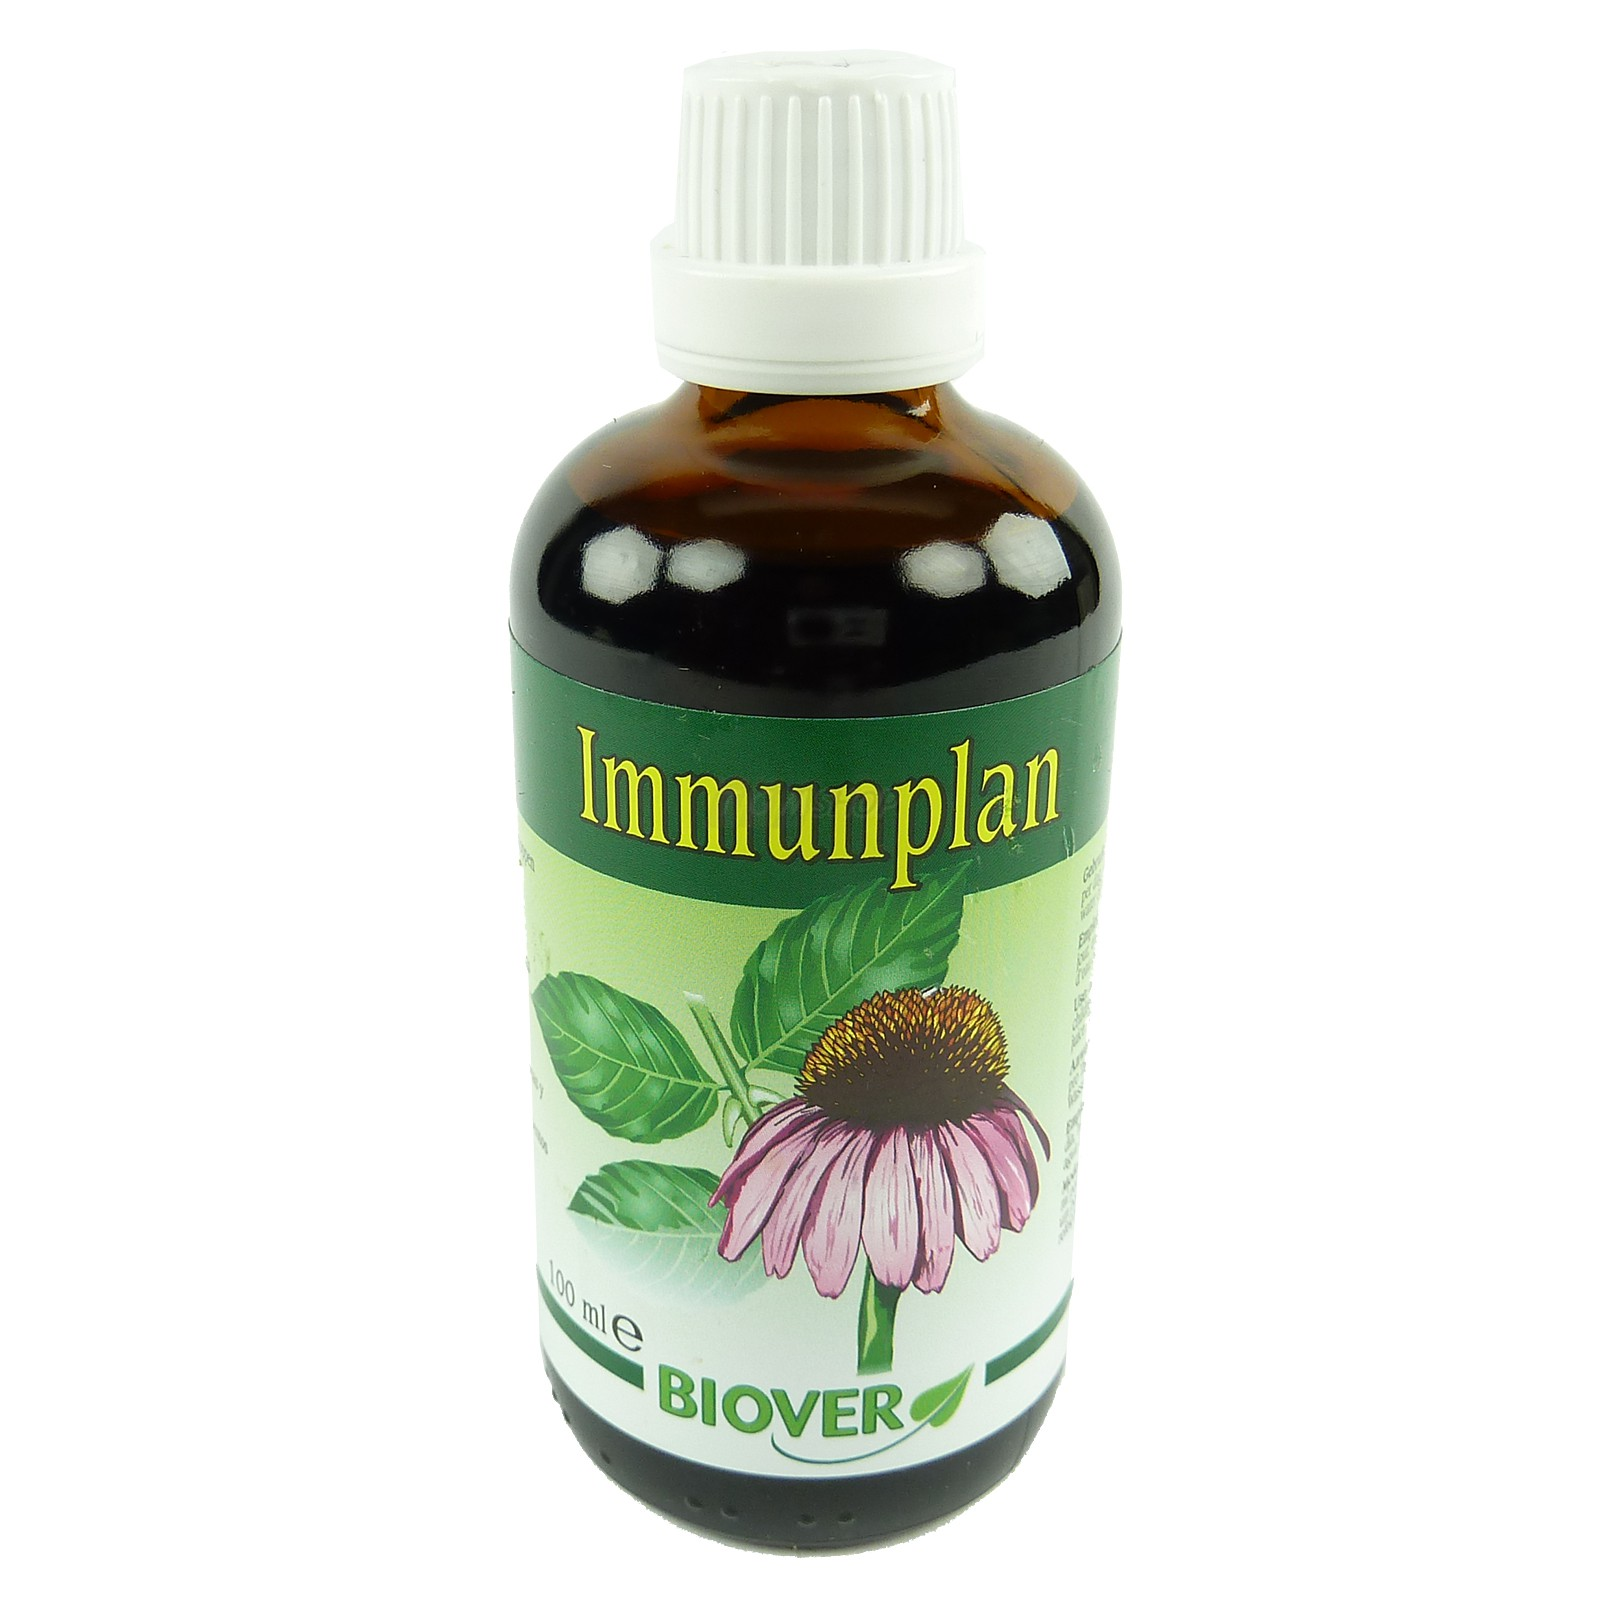 Biover -  Pflanzen Tropfen - Nahrungs Ergänzung  Mineralien  Homöopathie 100ml - Immunplan